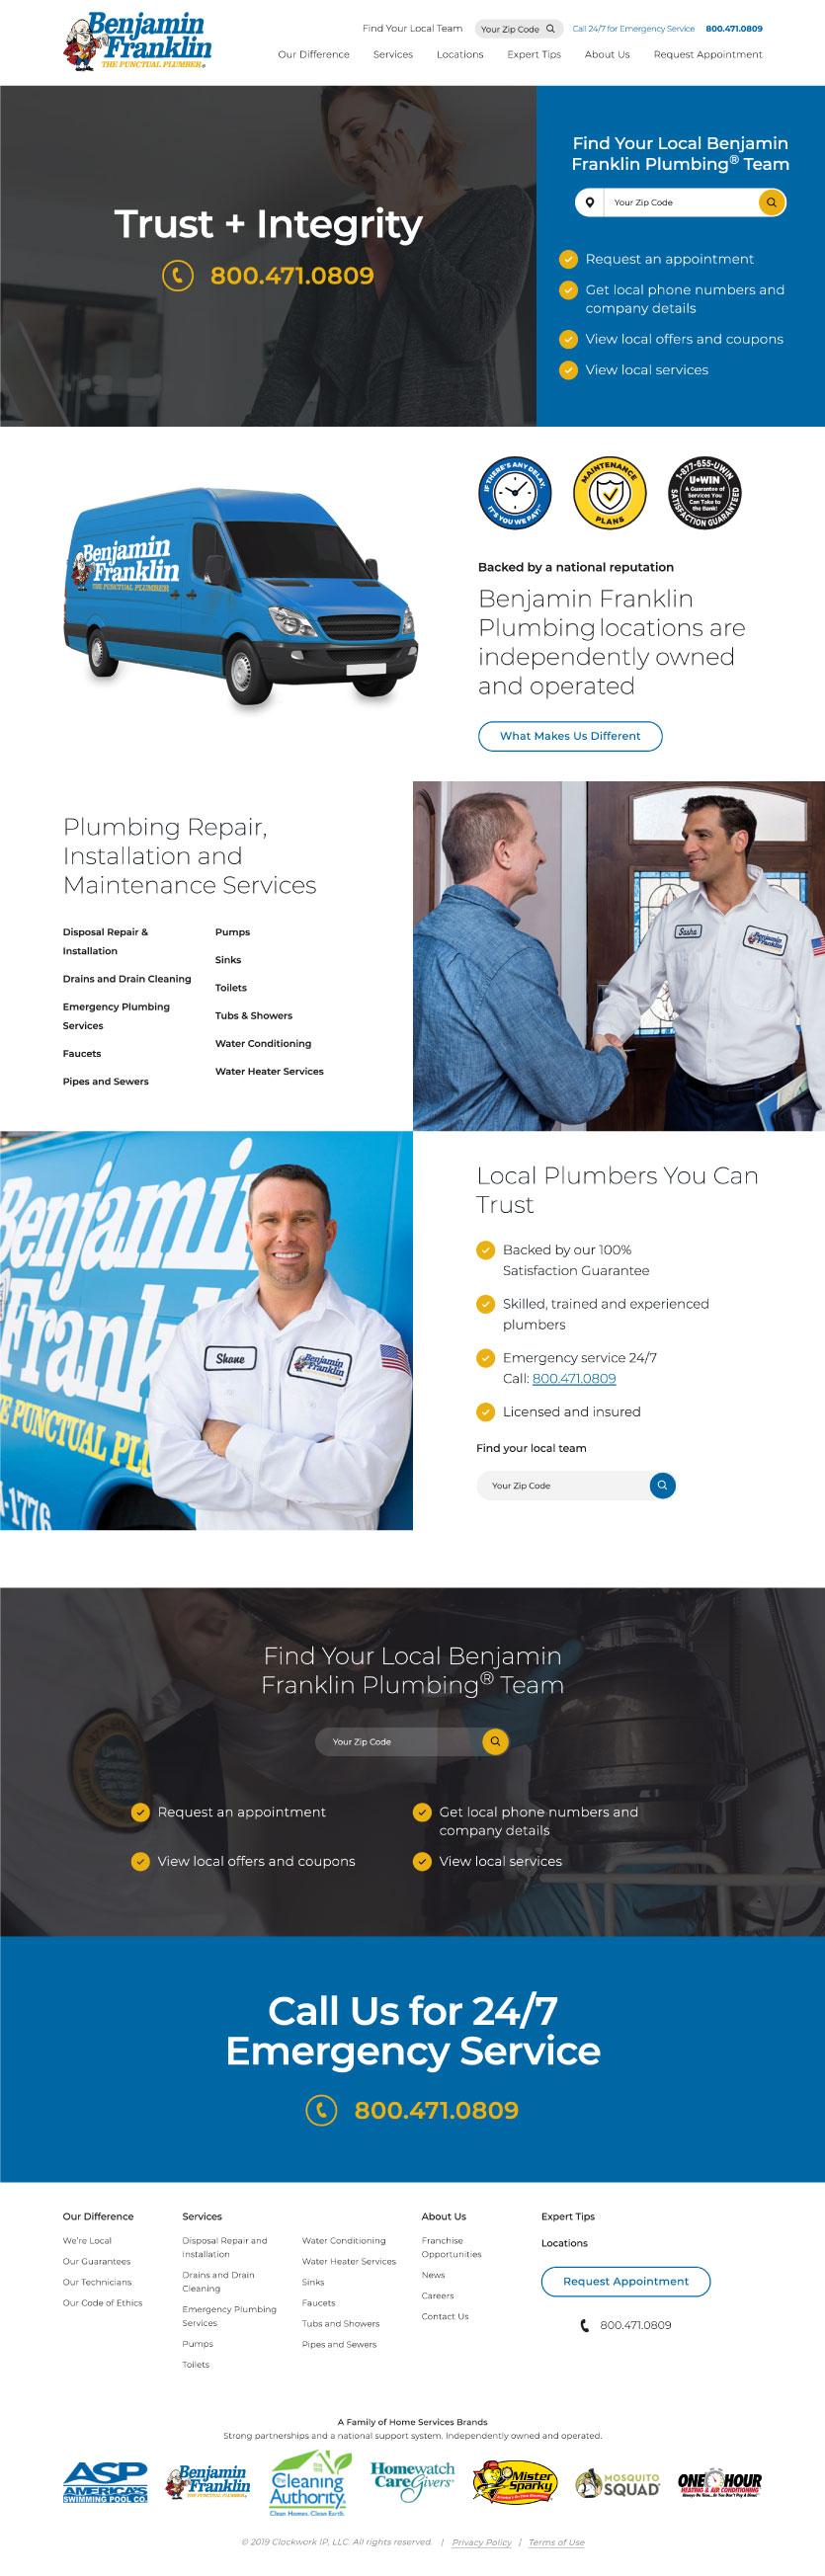 Plumbing Website Design Inspiration - 2020 2019 - Benjamin Franlin - Examples of plumbing websites